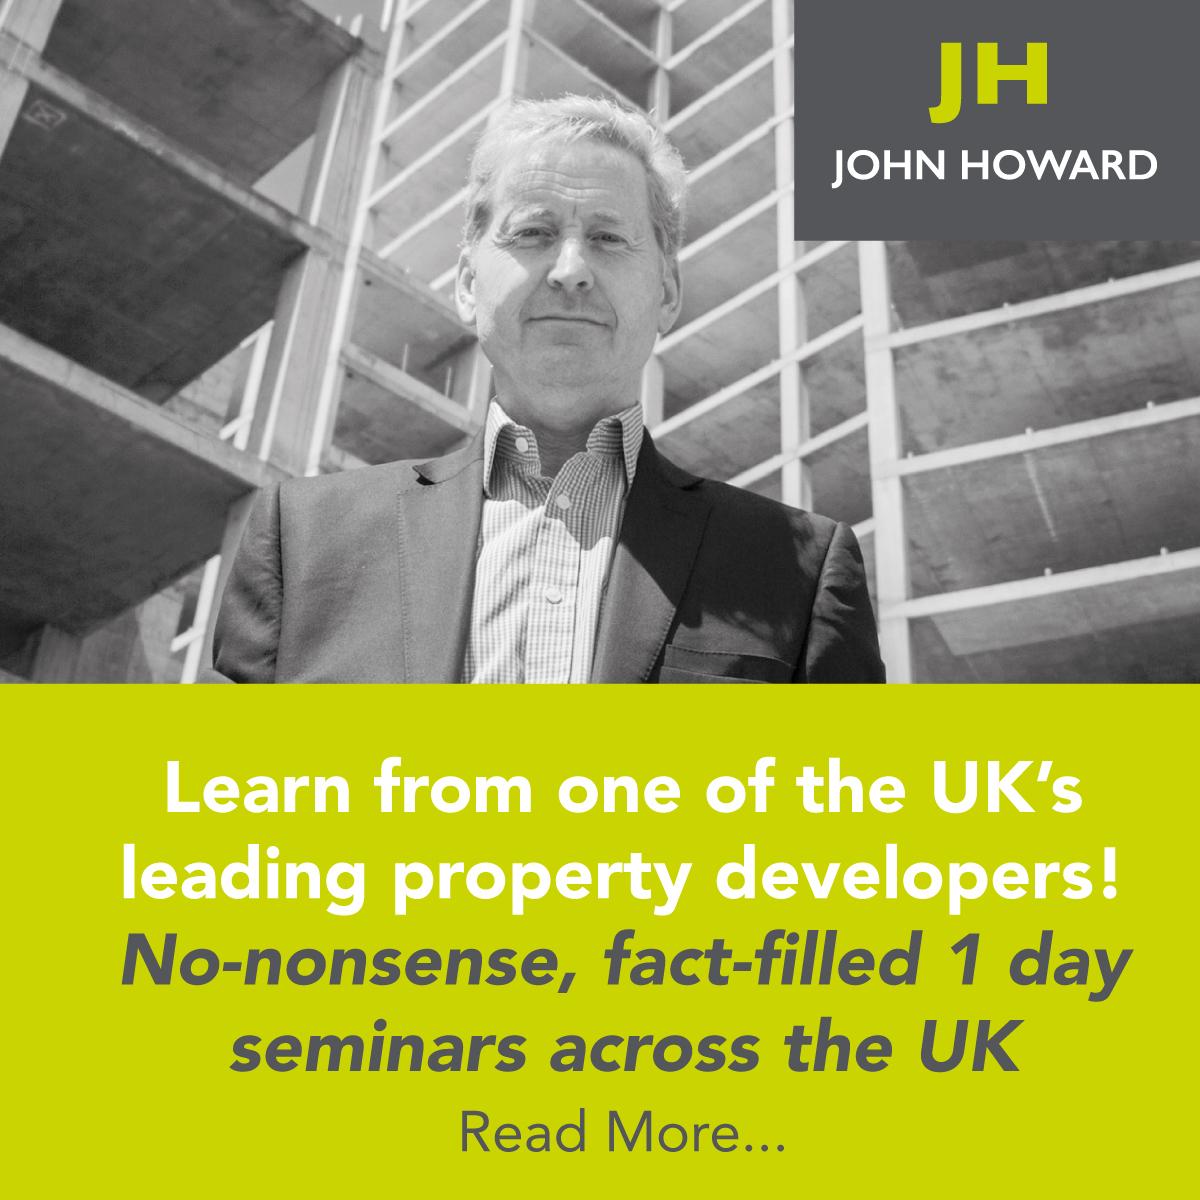 John Howard one day seminars